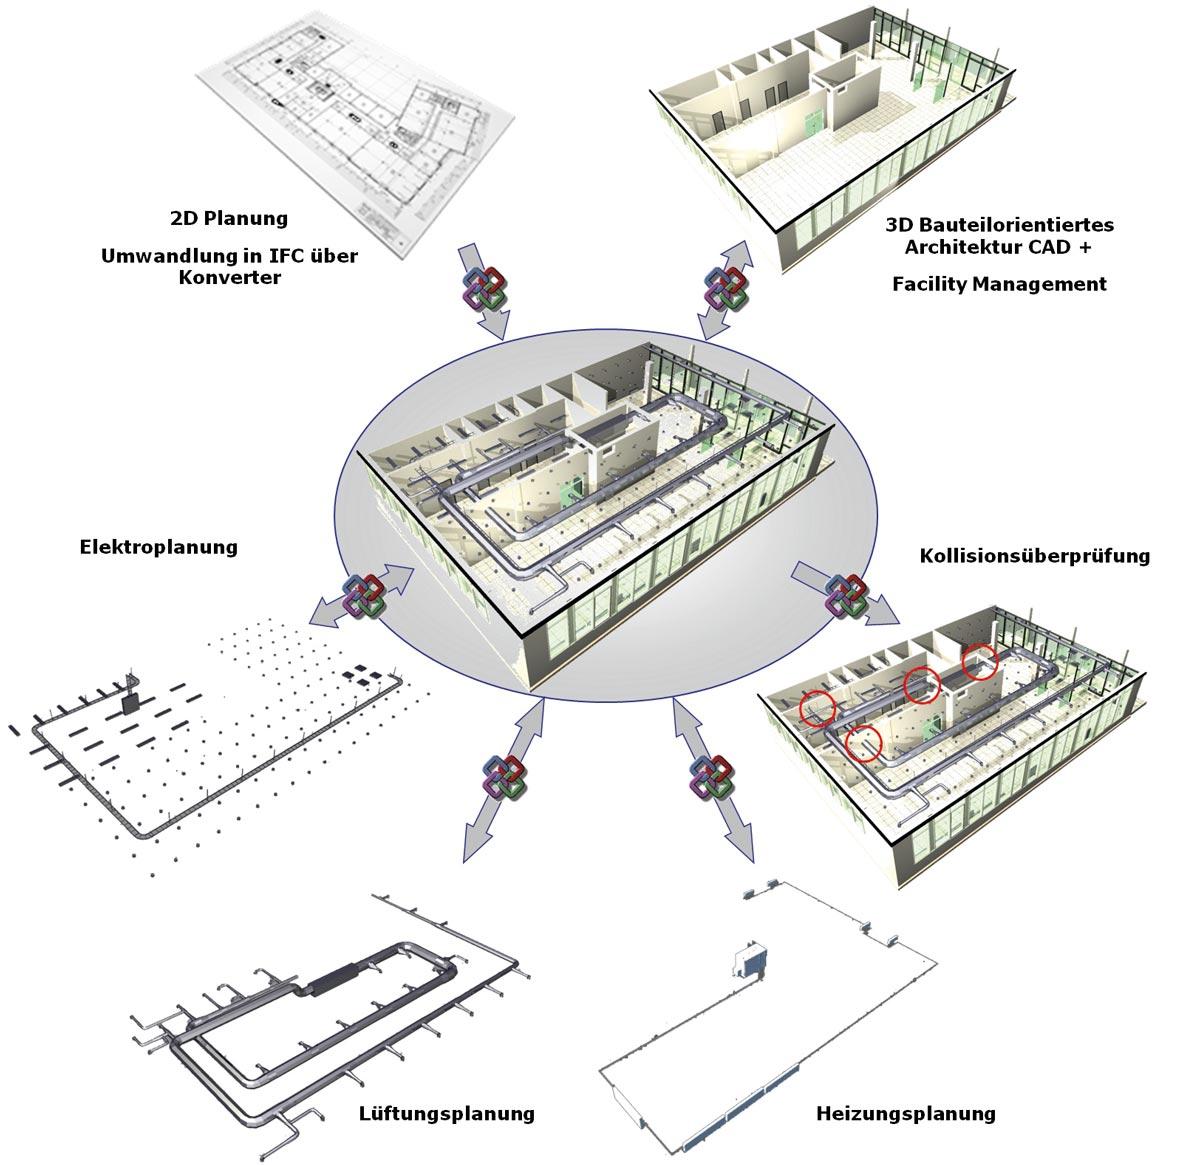 In der Praxis wird IFC weniger für den Datenaustausch, sondern eher für die Koordination von Fachmodellen und für Kollisionsprüfungen genutzt. © Building Smart